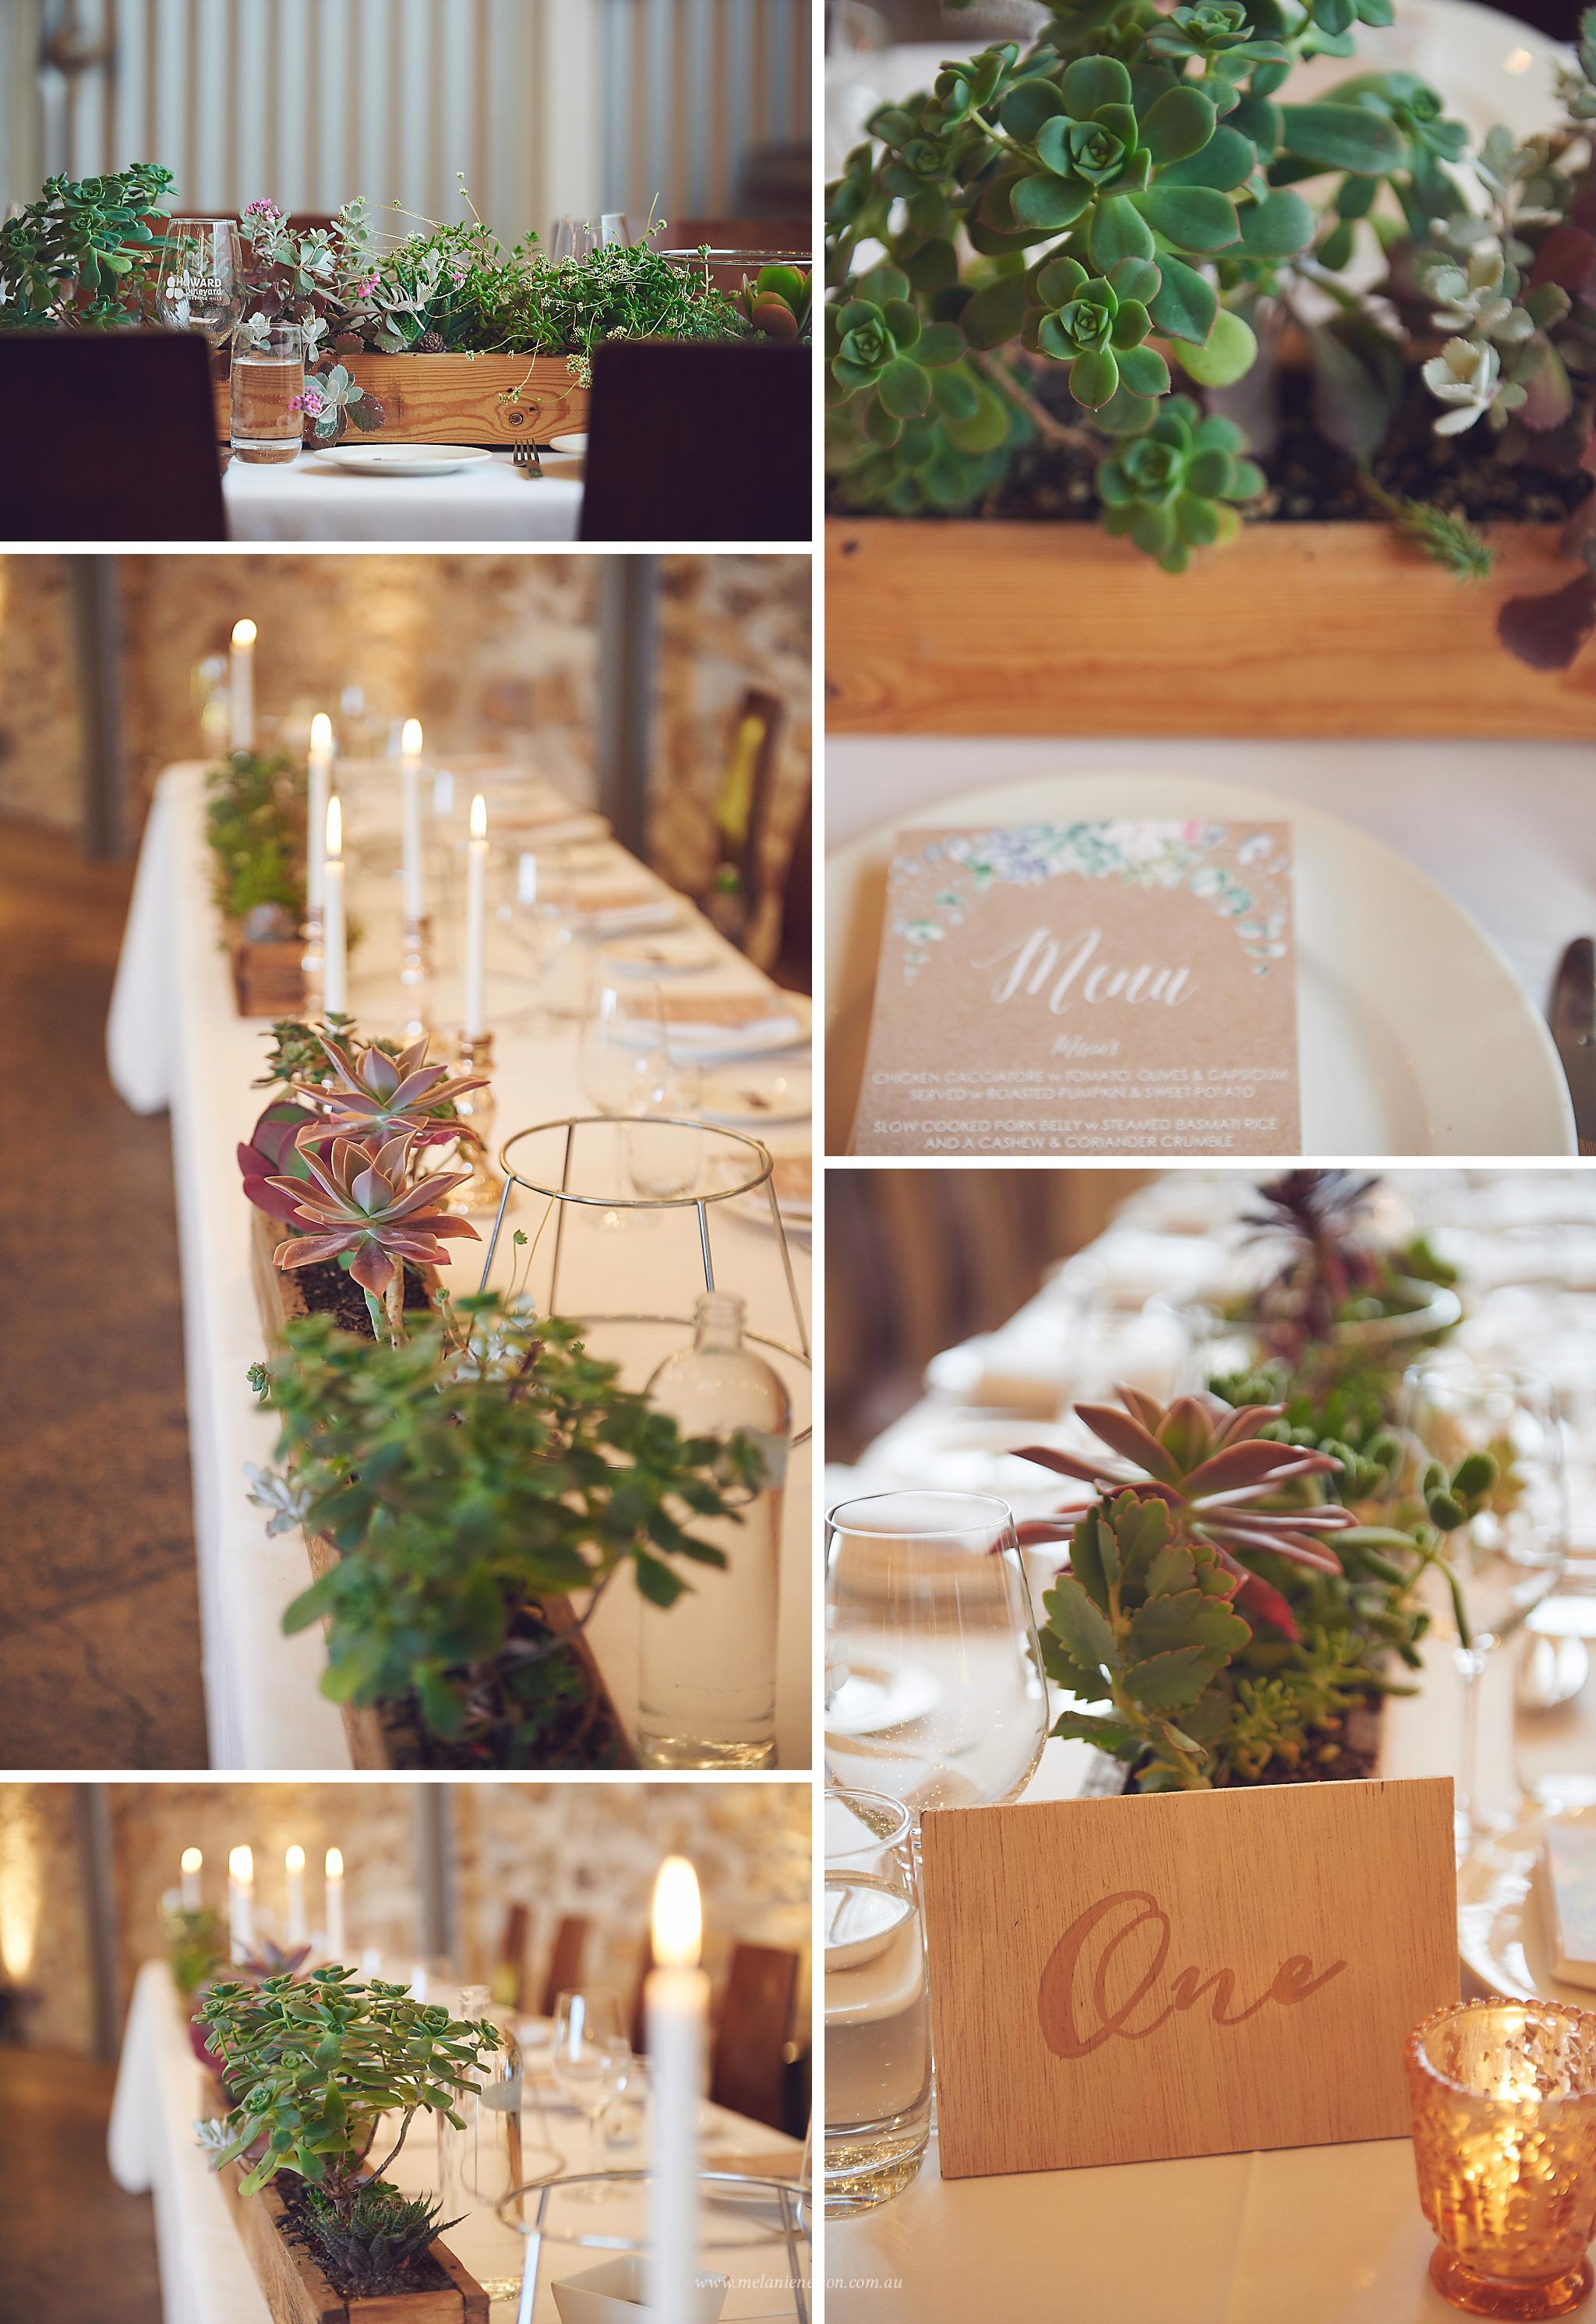 howards_vineyard_wedding_0031.jpg